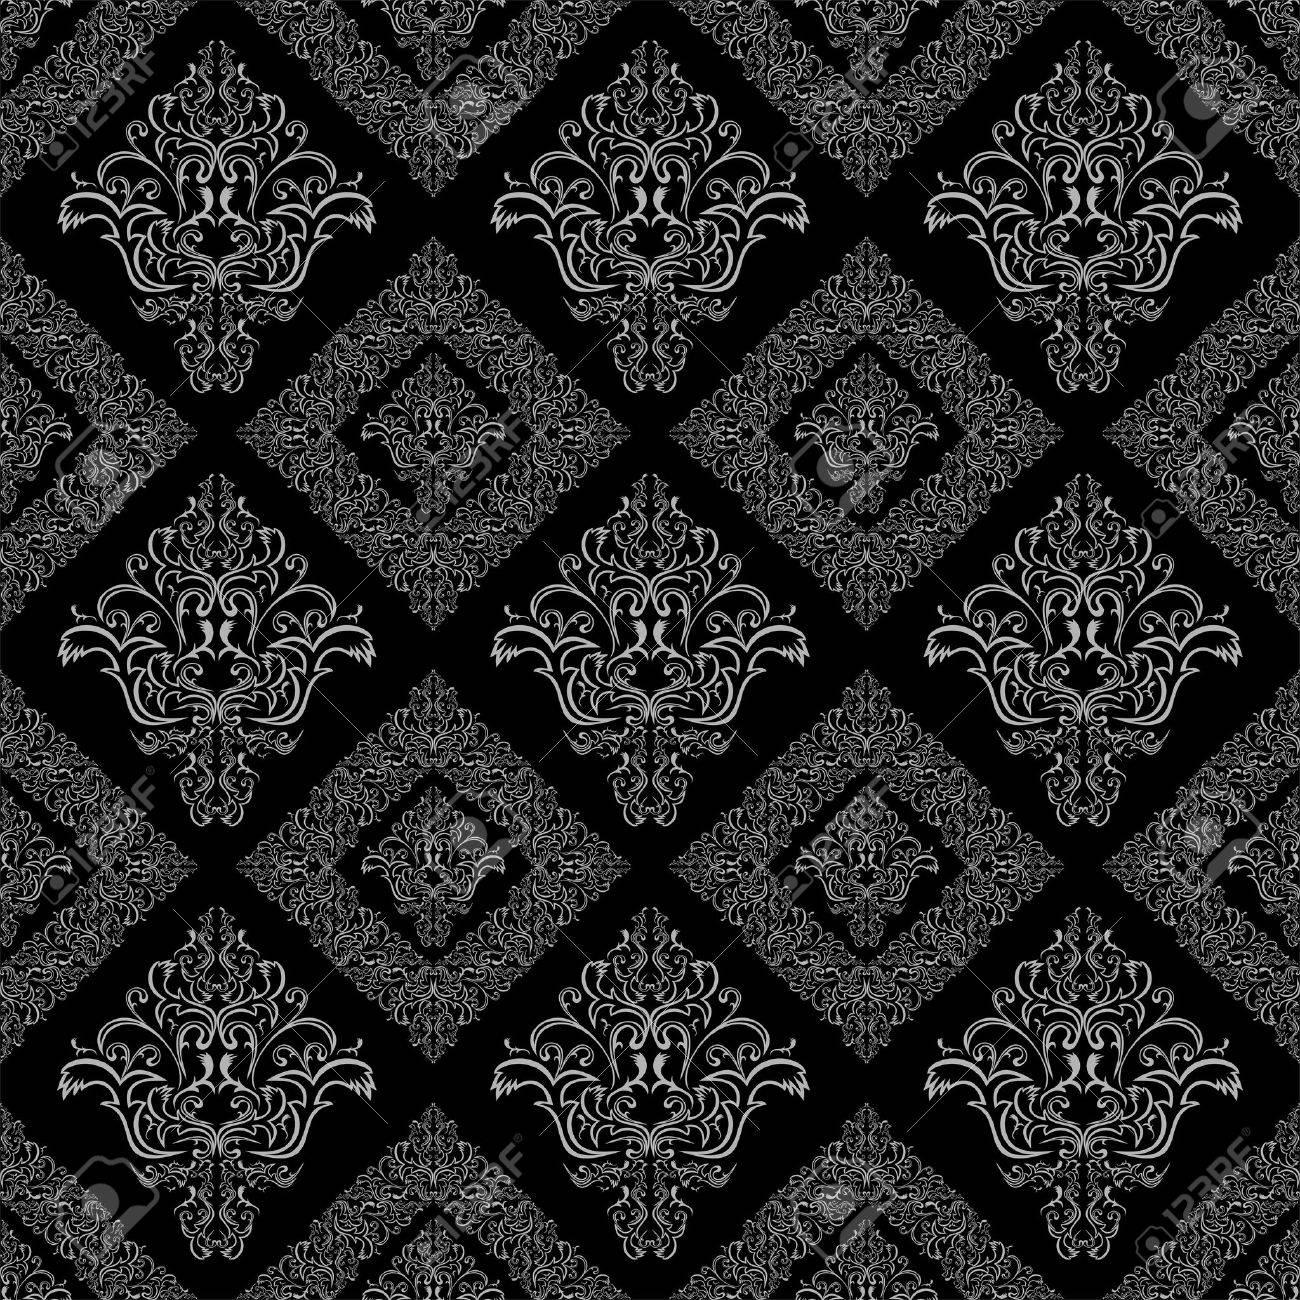 Damasse Seamless Floral De Papier Peint Geometrique Couleur Gris Et Noir